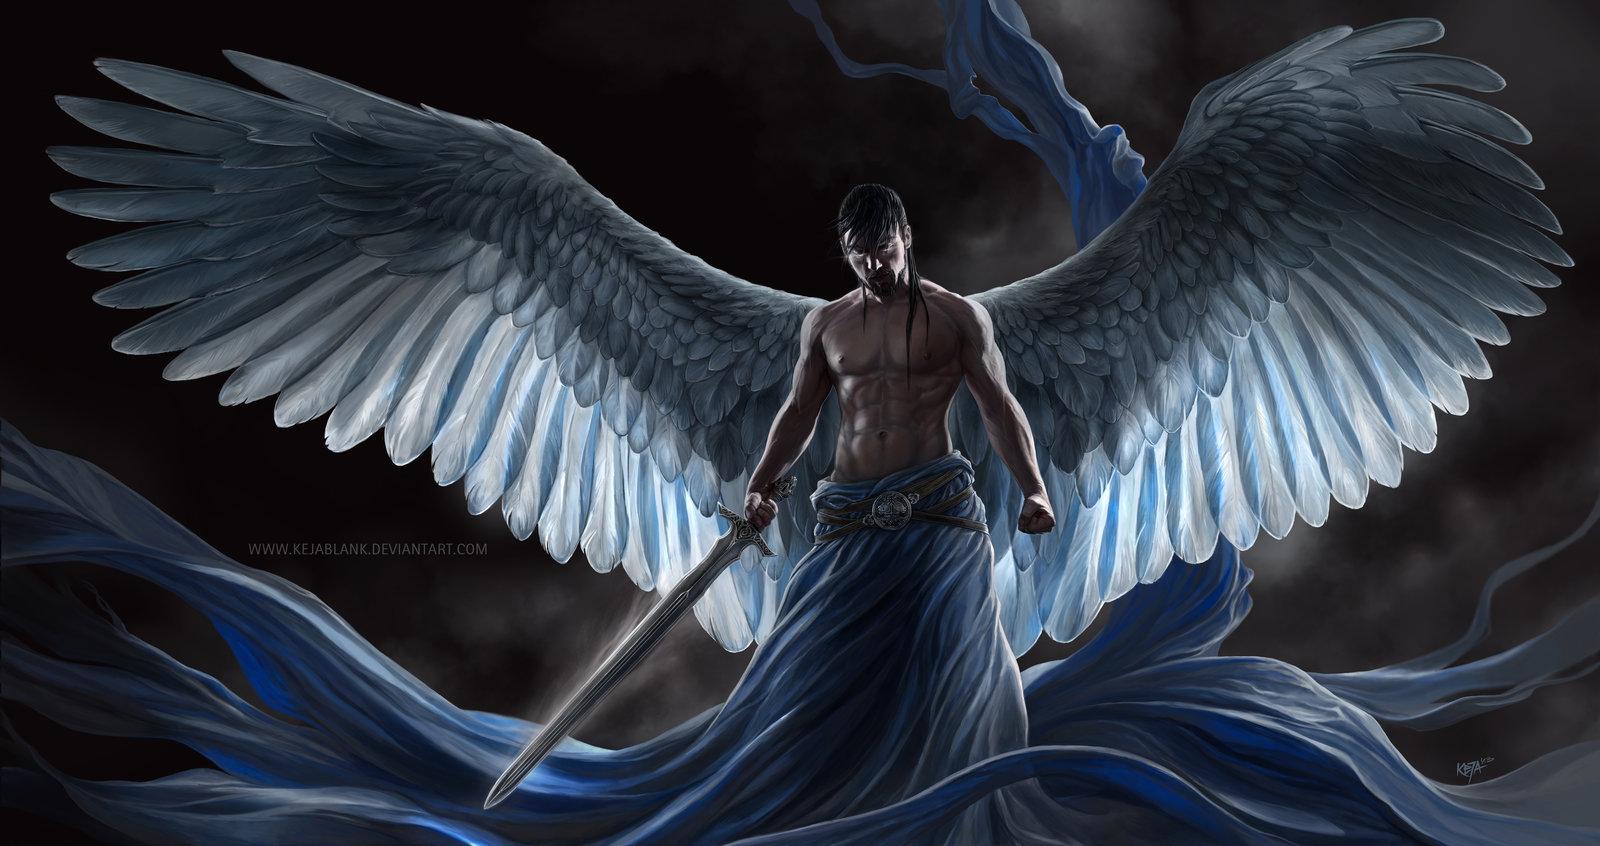 Anjos Ministradores - Estudos Bíblicos